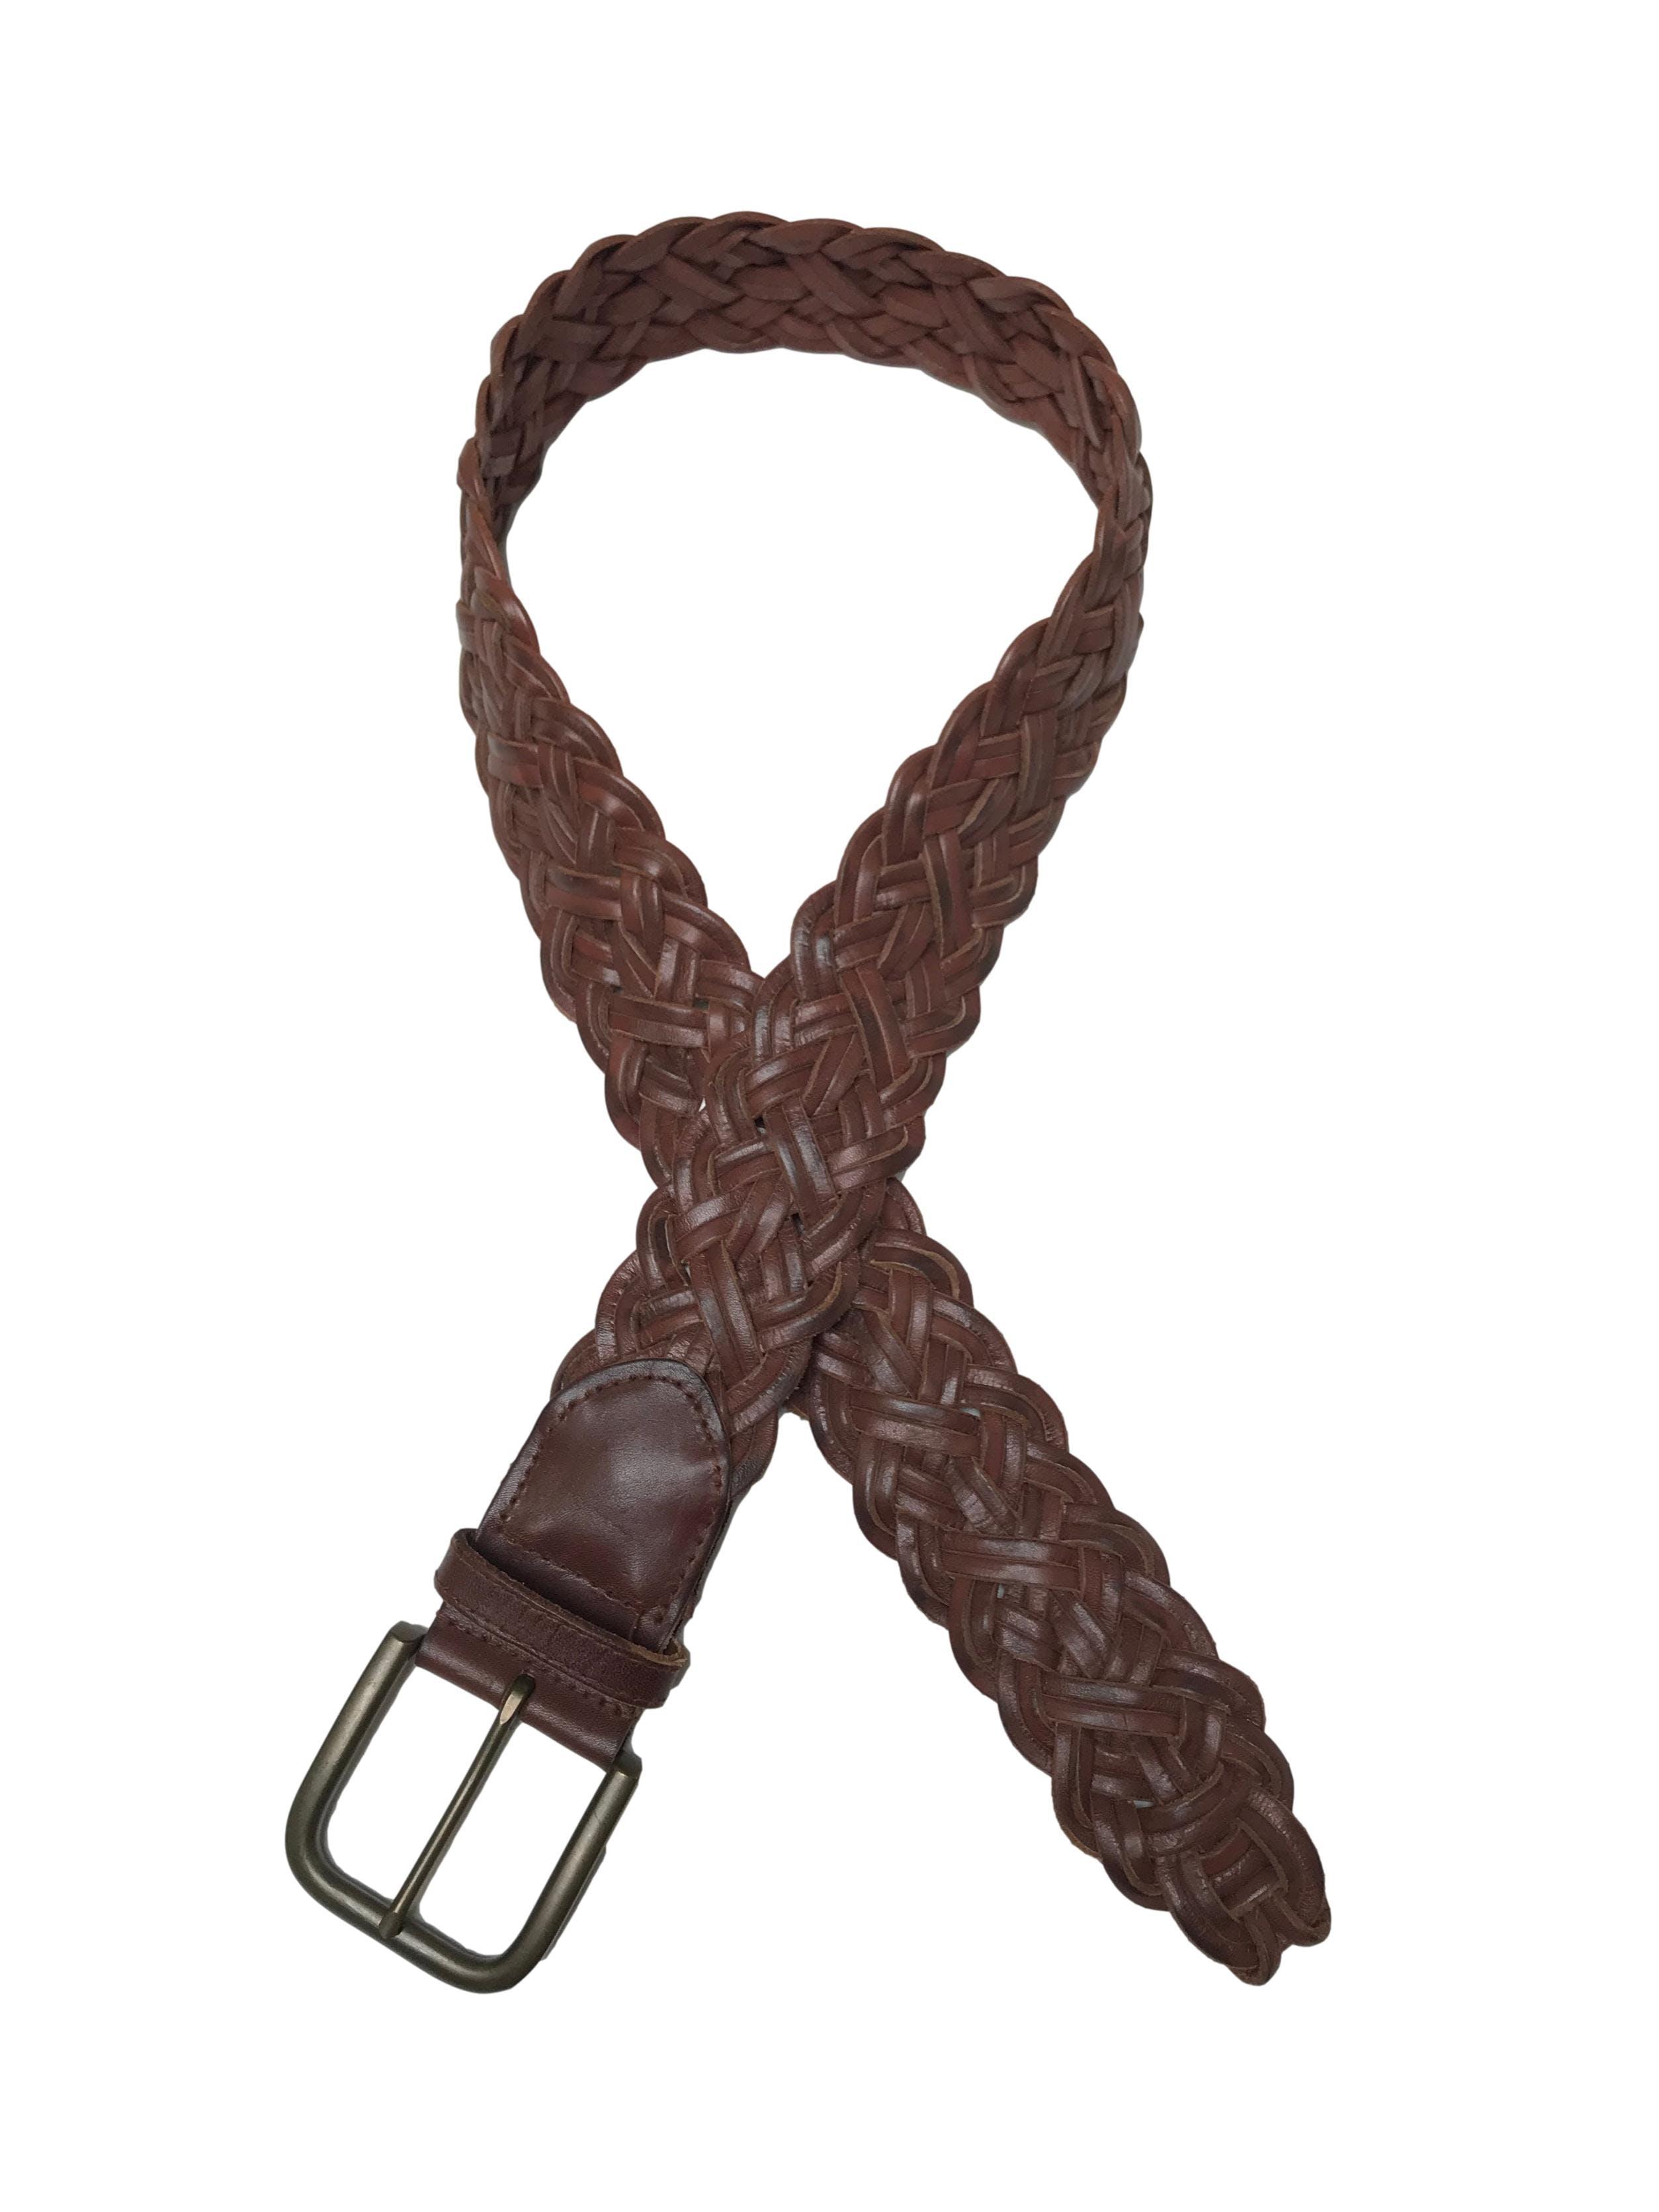 Correa Gap de cuero marrón trenzado. Largo 100cm Ancho 5cm